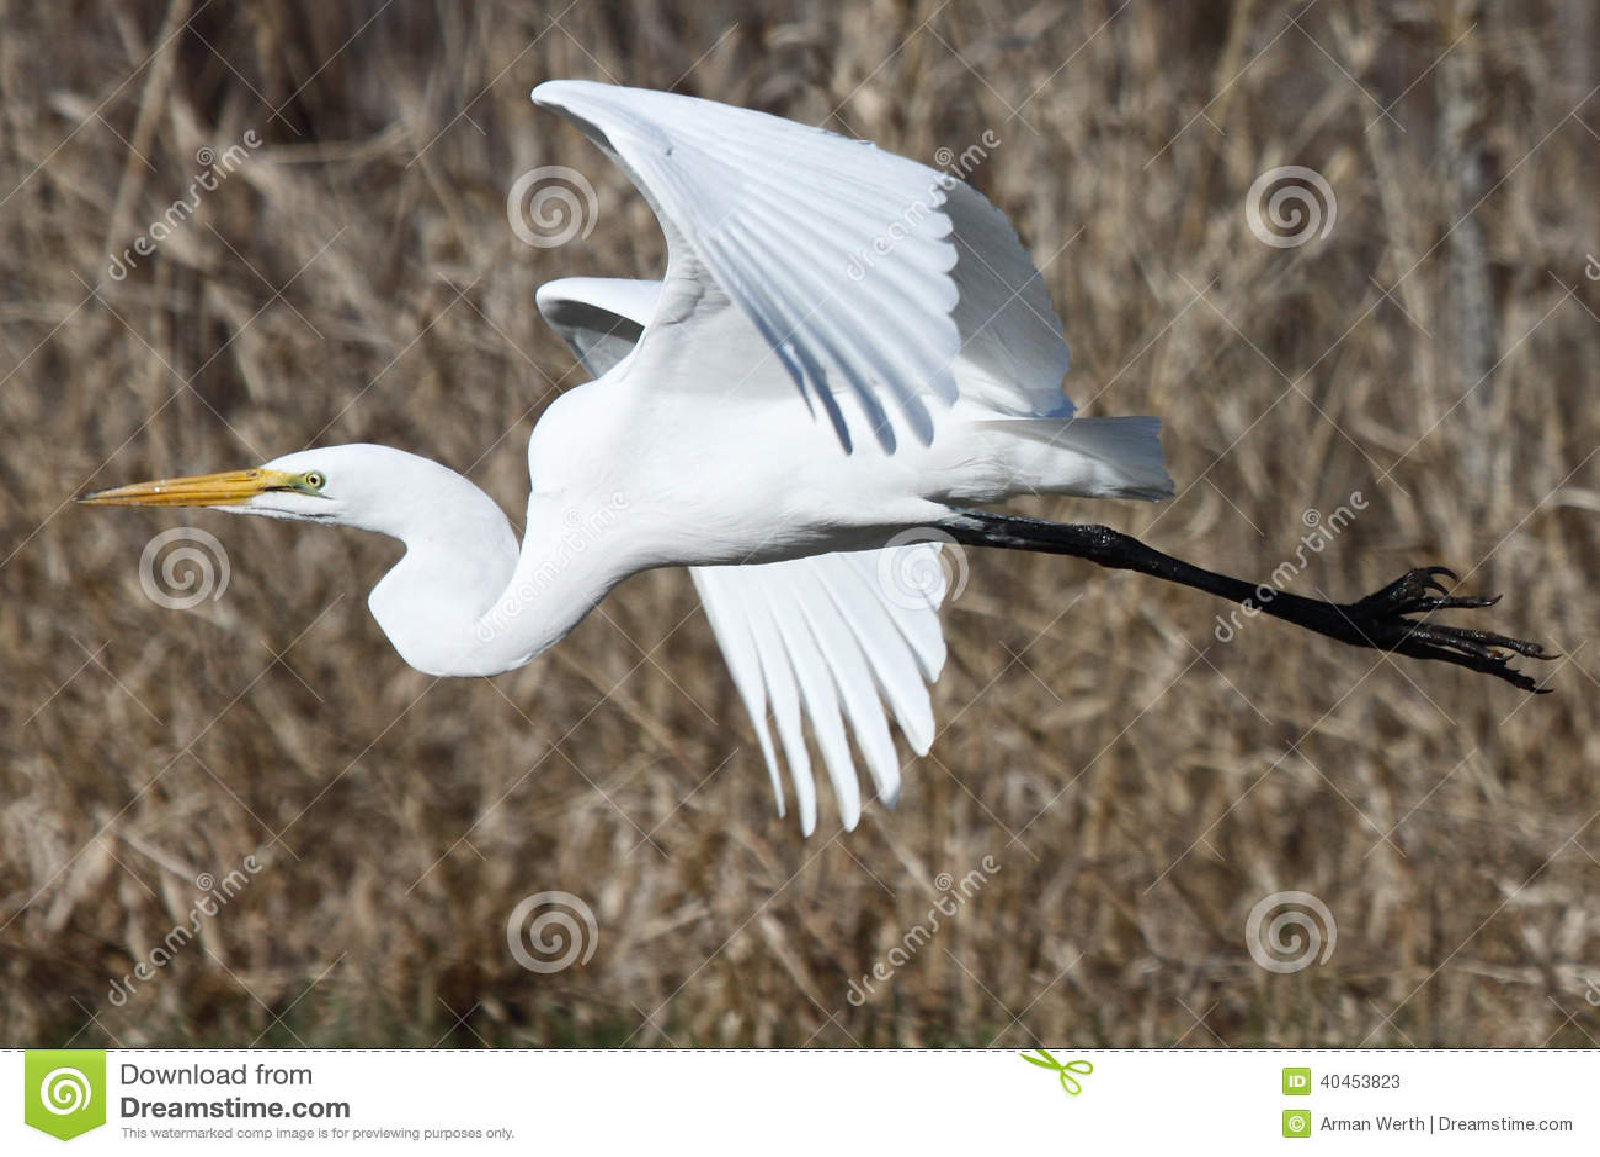 在飞行中伟大的白鹭